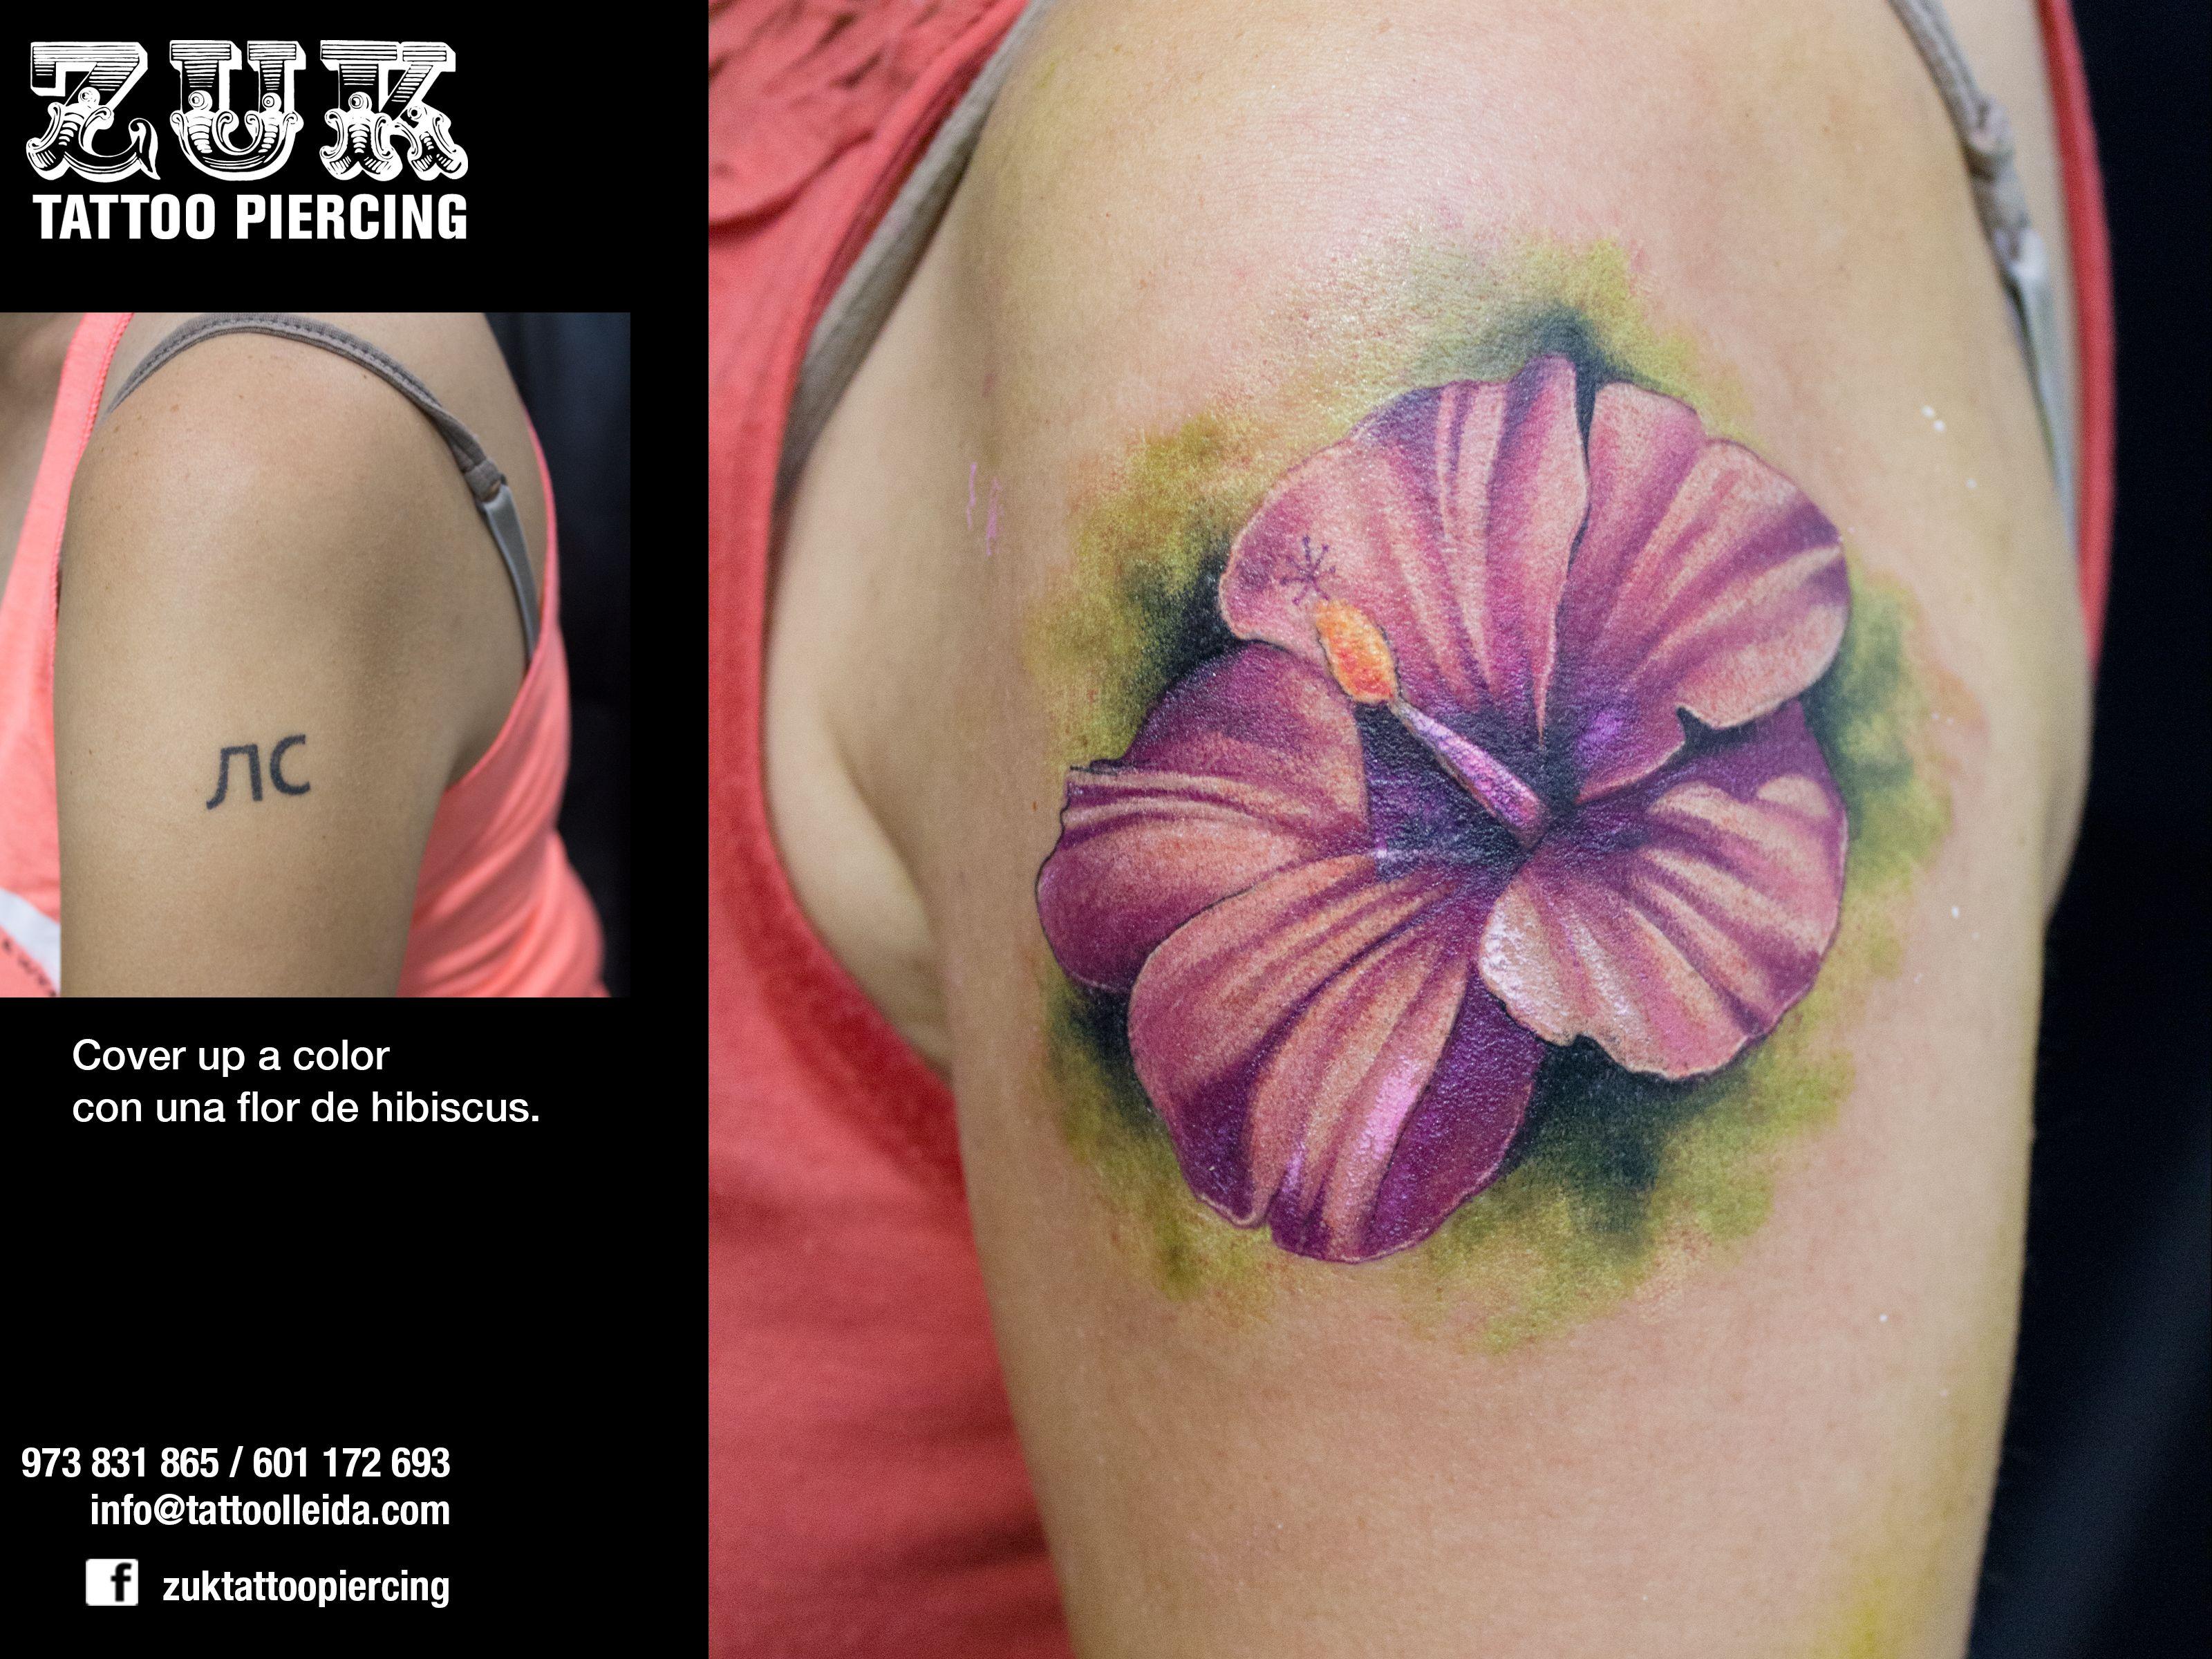 Cover up a color con una flor de hibiscus.